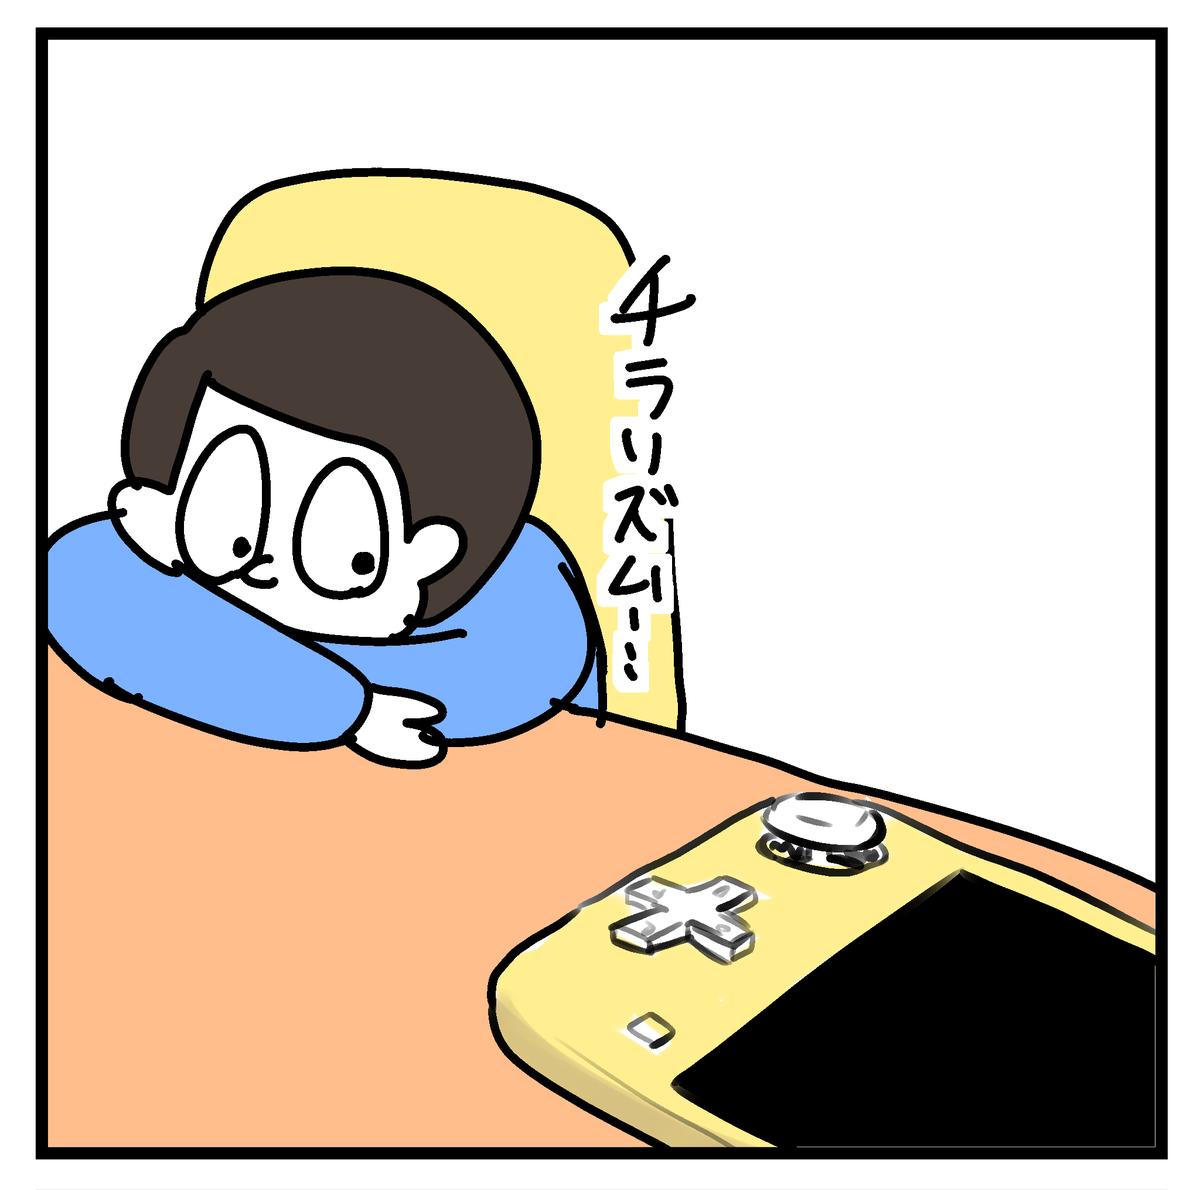 f:id:YuruFuwaTa:20200703111628p:plain